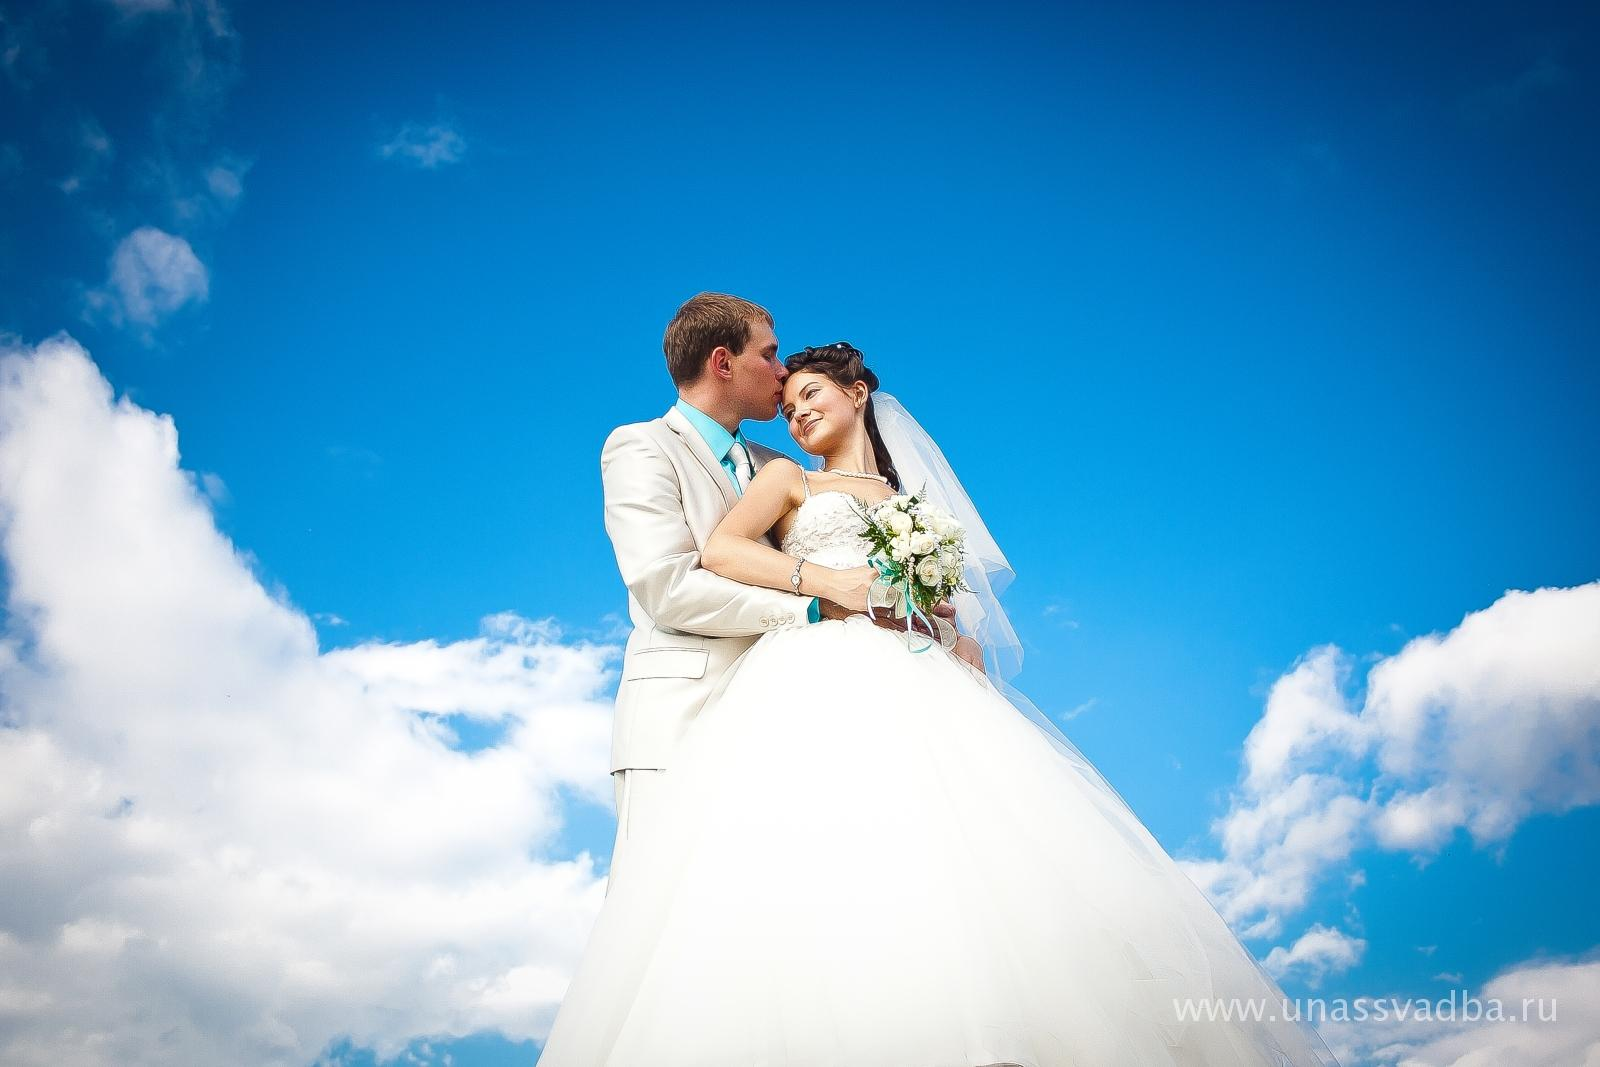 День свадьбы сестре фото